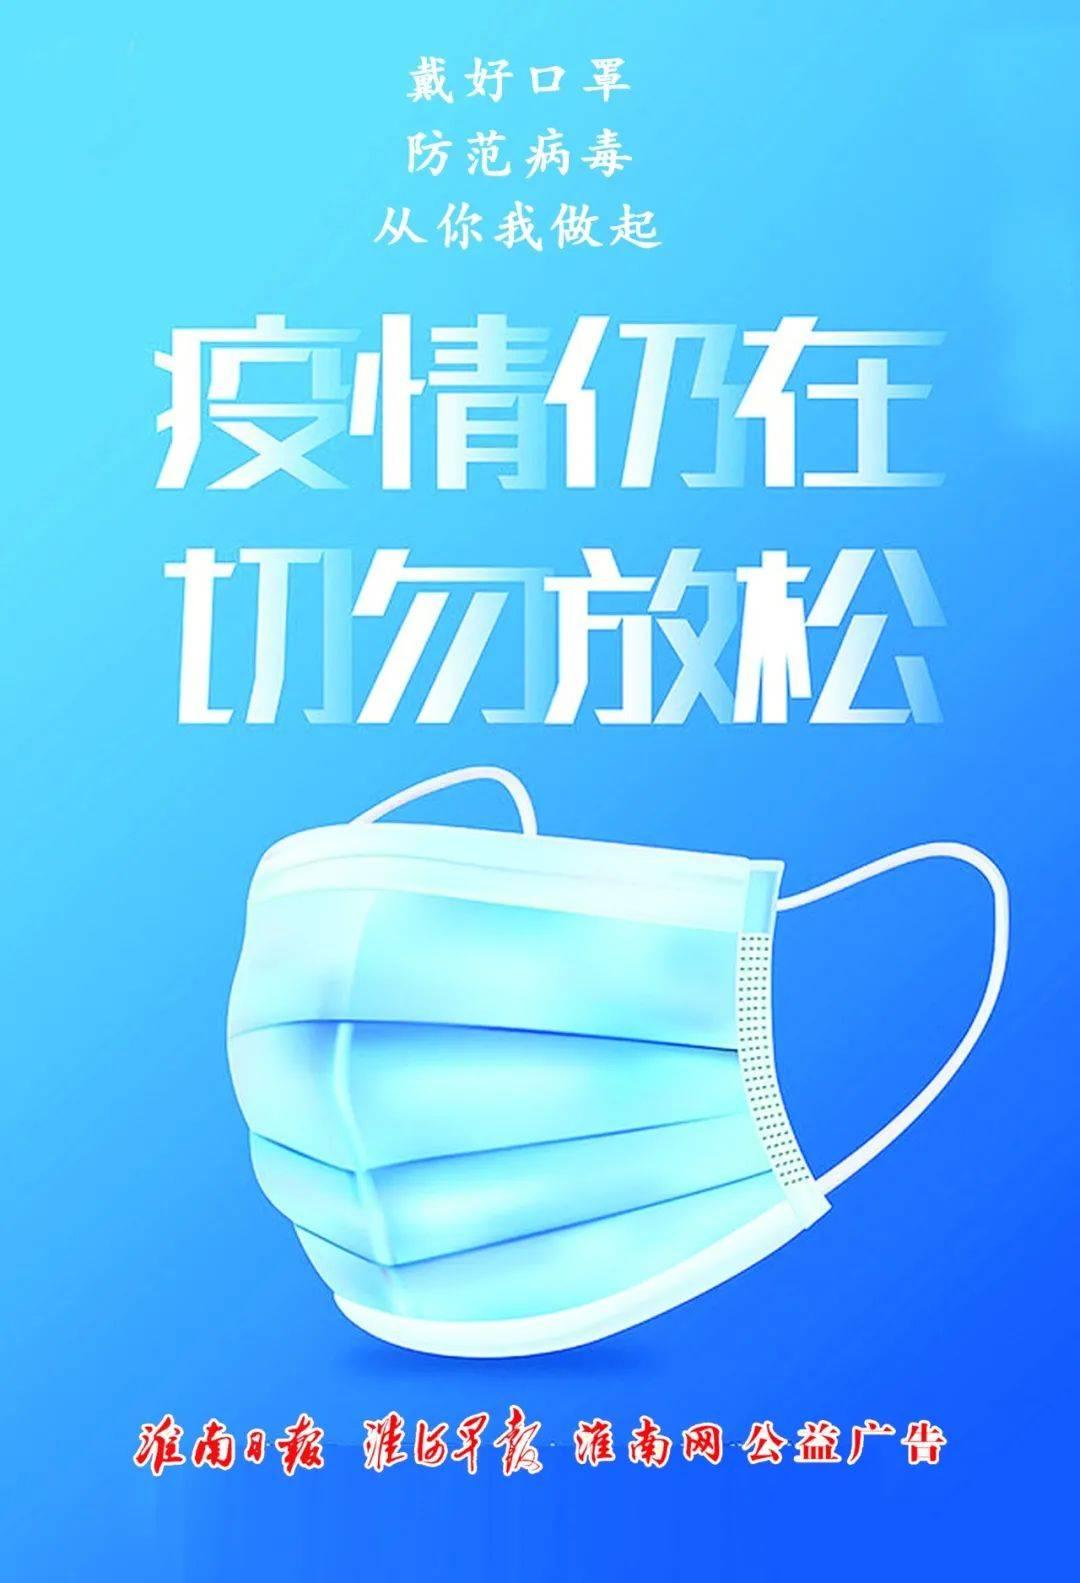 淮南日报疫情防控公益宣传